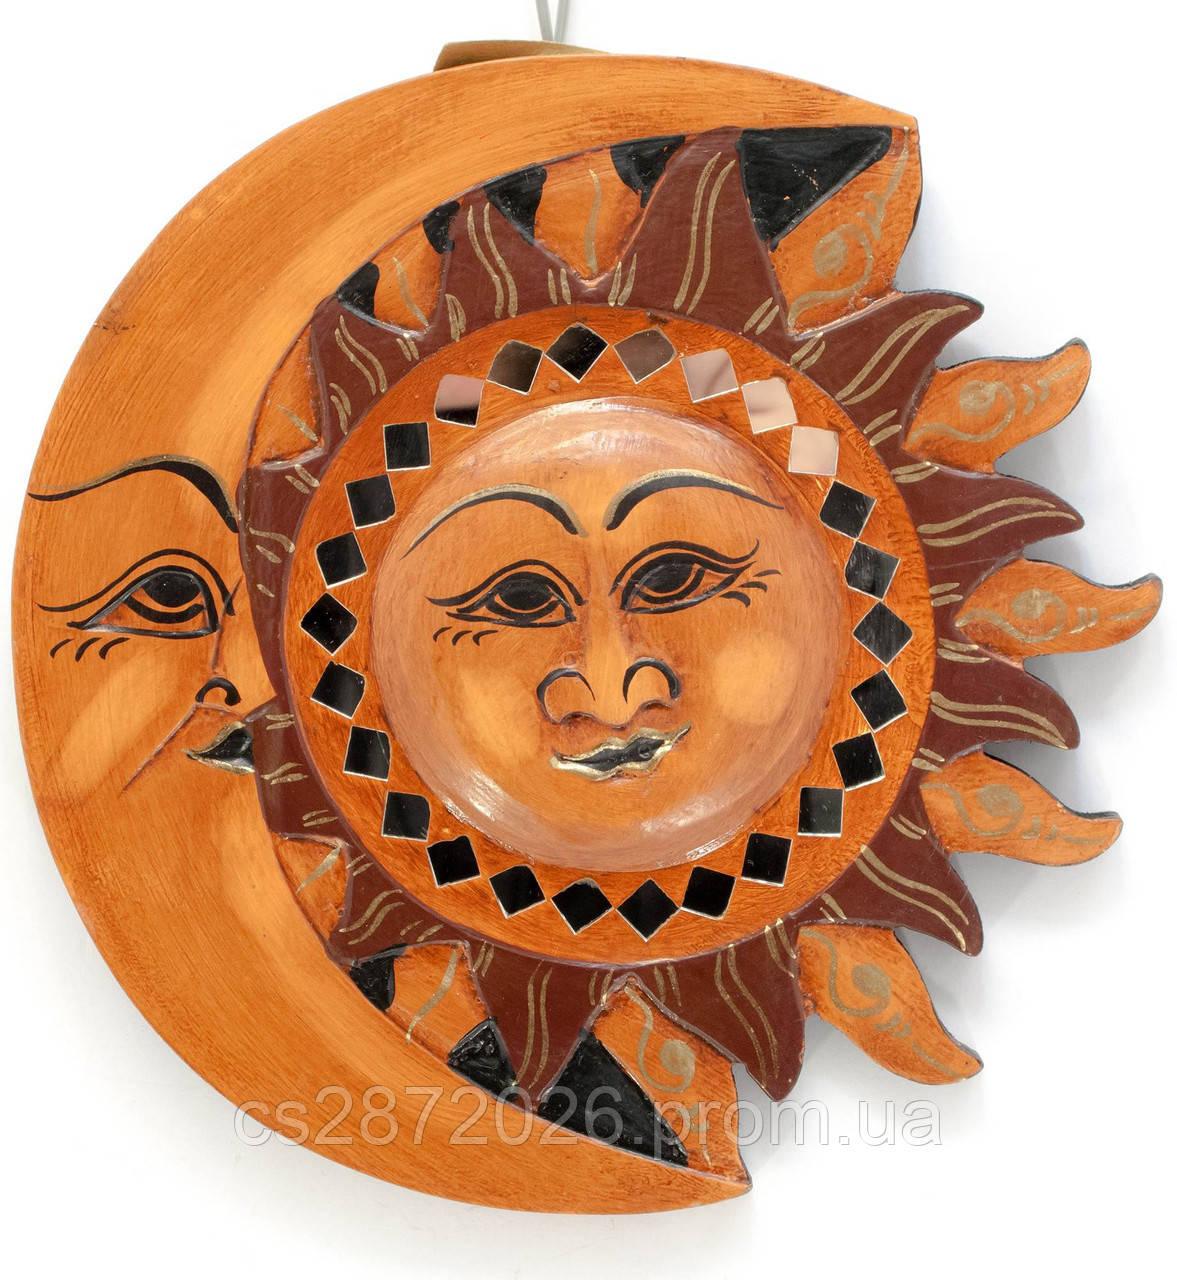 Панно настенное деревянное Луна-солнце